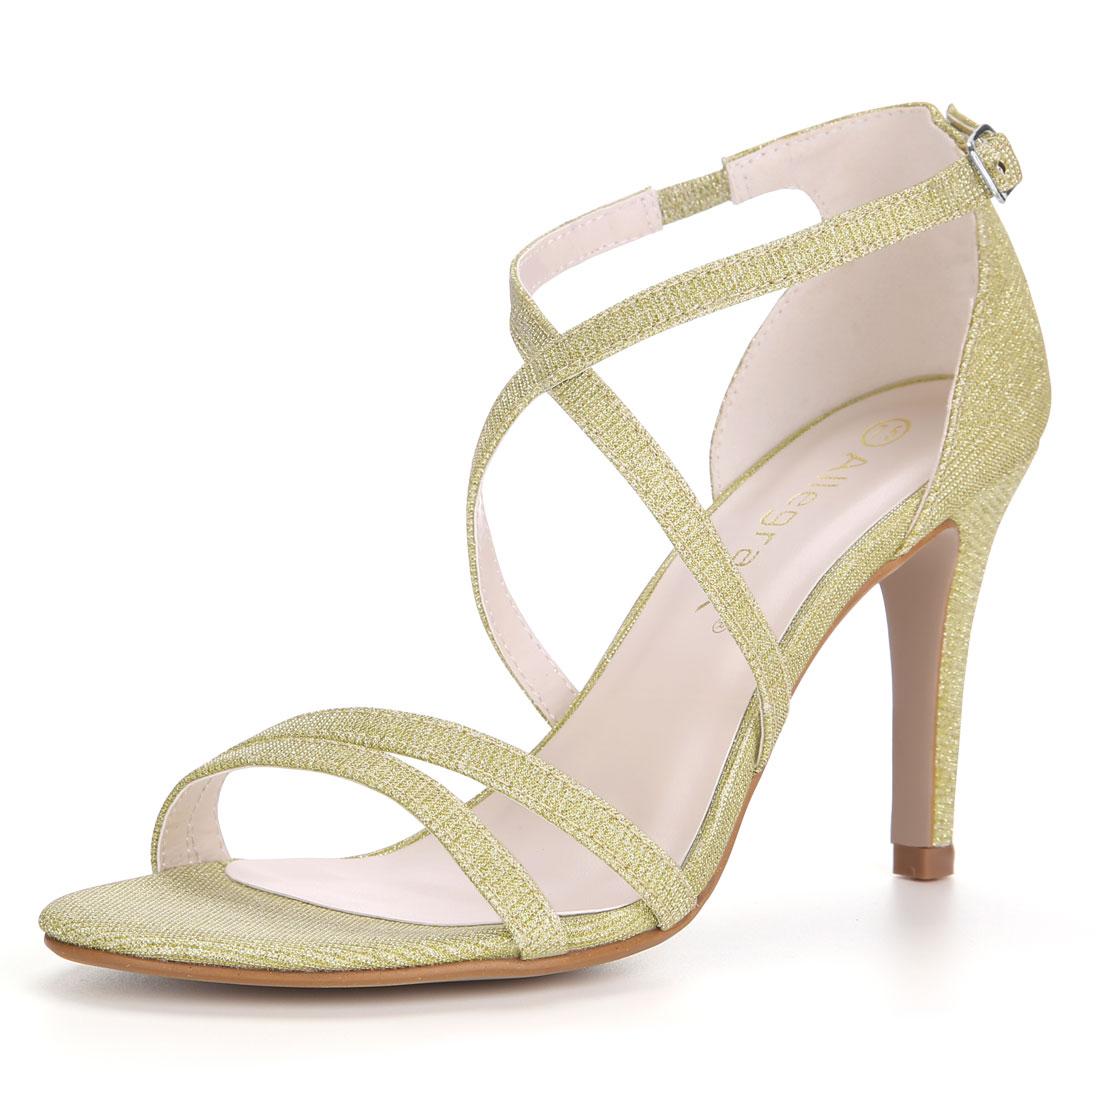 Allegra K Women's Glitter Design Stiletto Heel Strappy Sandals Gold US 7.5